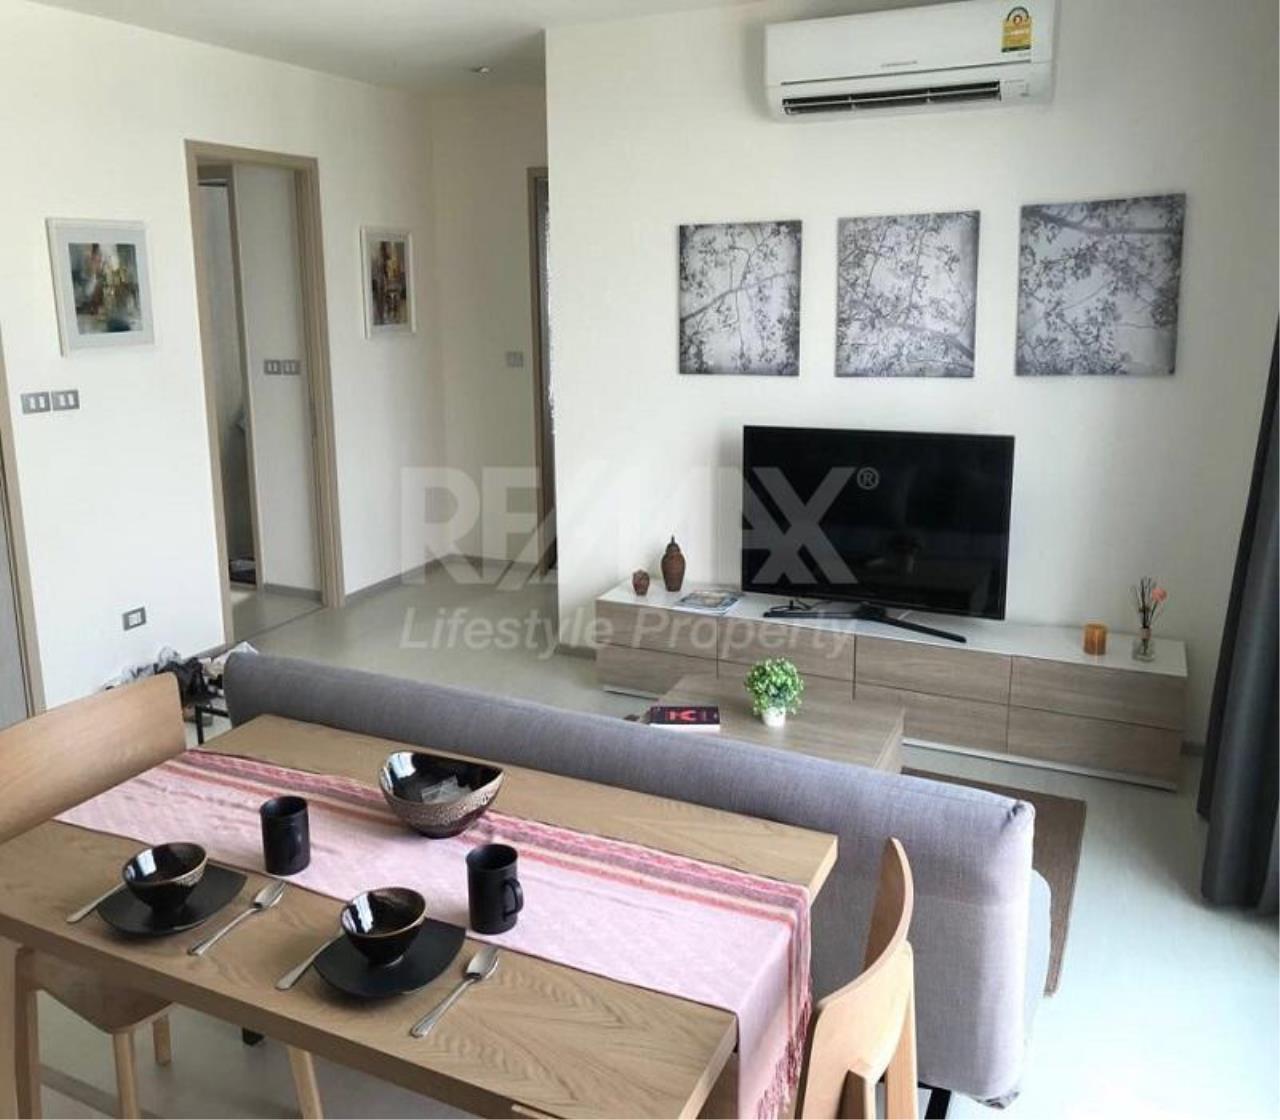 RE/MAX LifeStyle Property Agency's Rhythm Sukhumvit 36-38 2